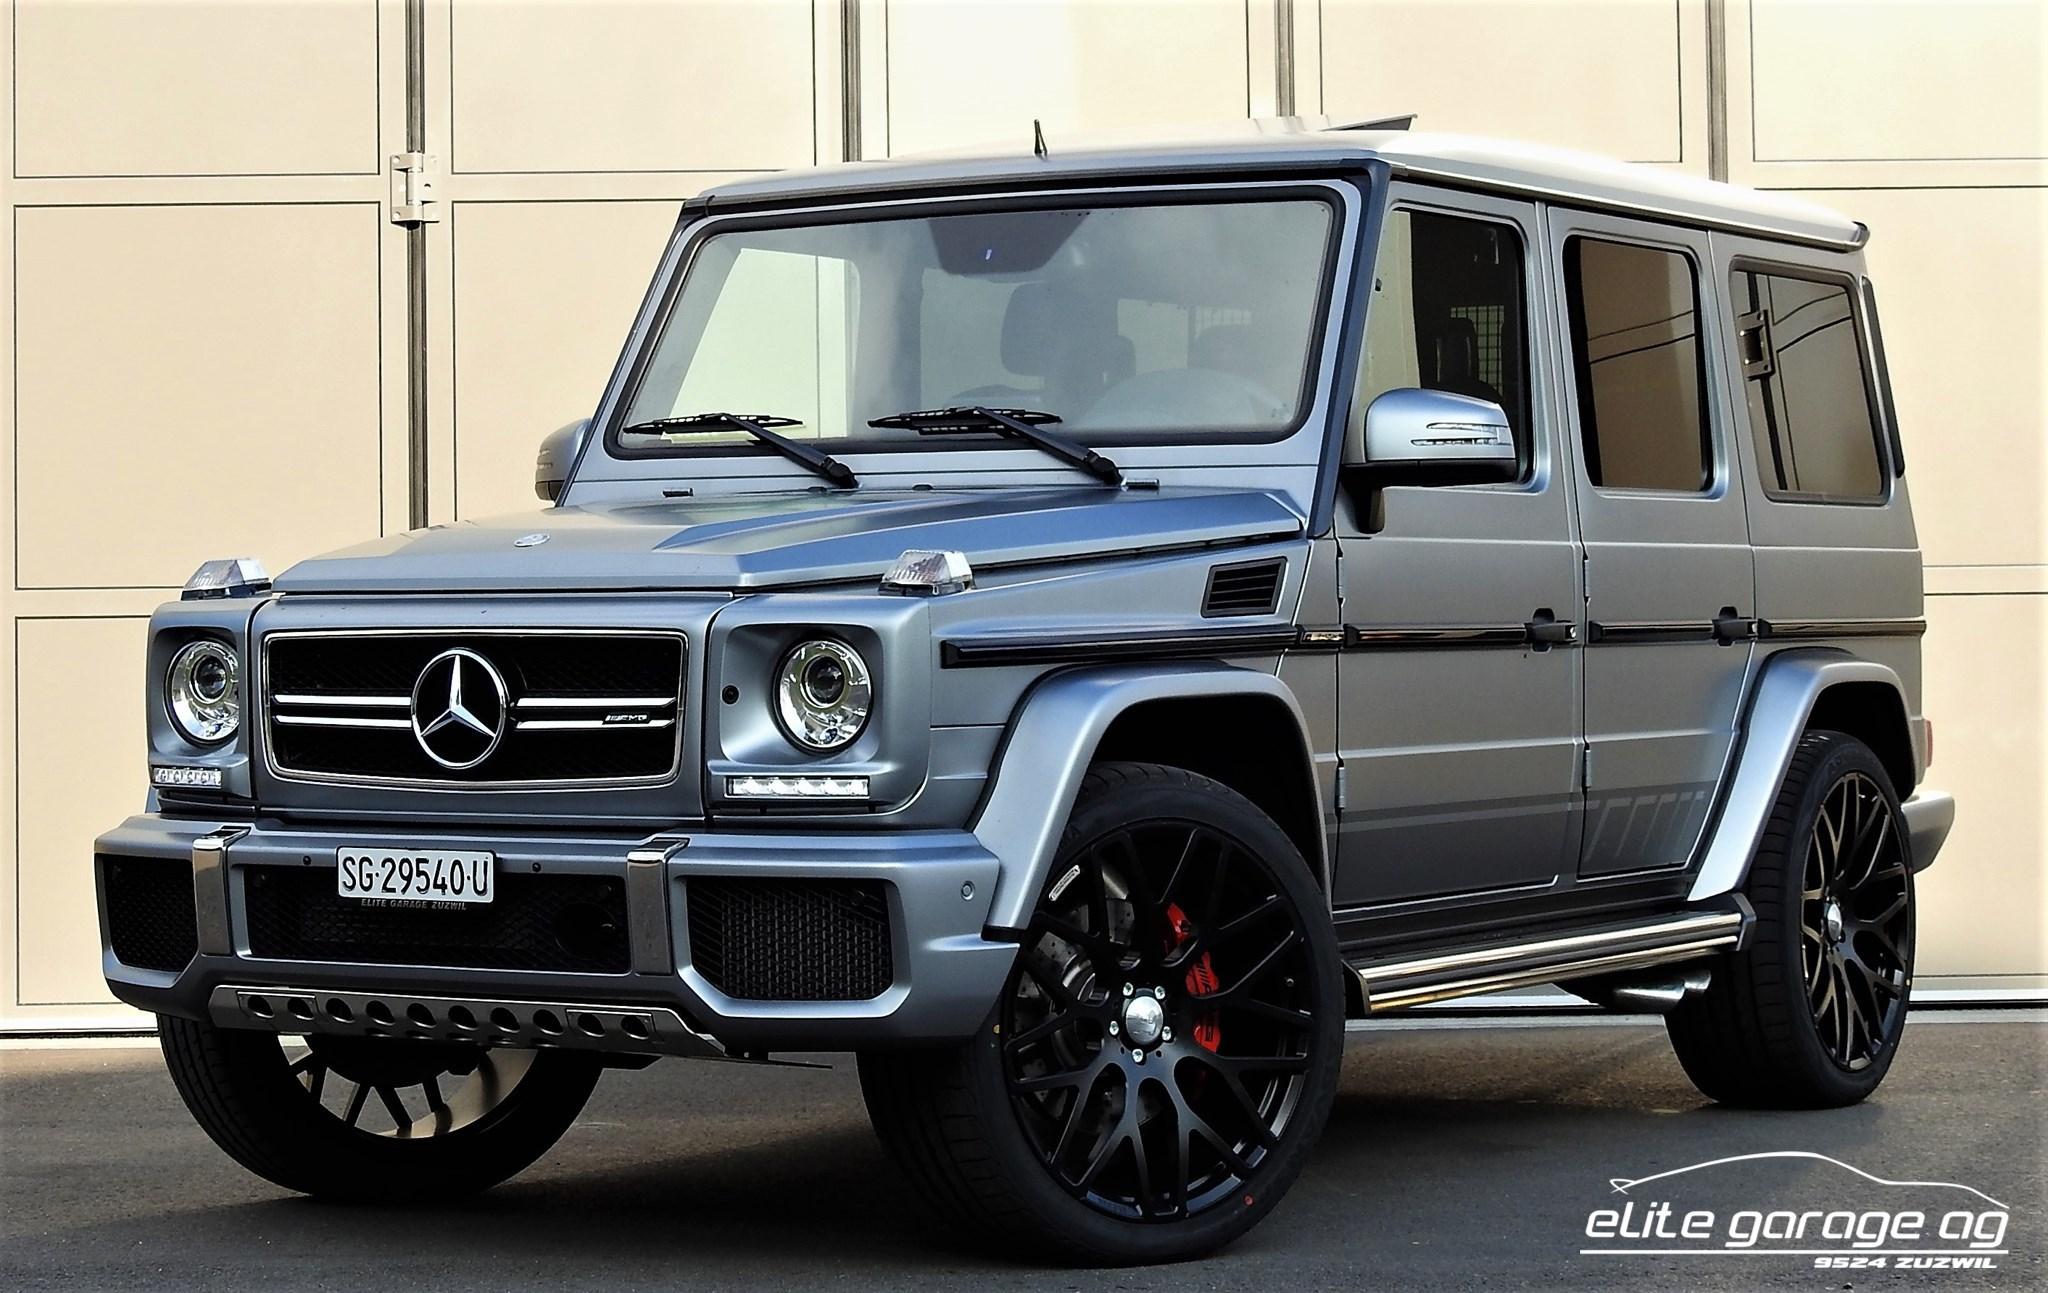 suv Mercedes-Benz G-Klasse G 63 AMG Edition 463 Speedshift Plus 7G-Tronic